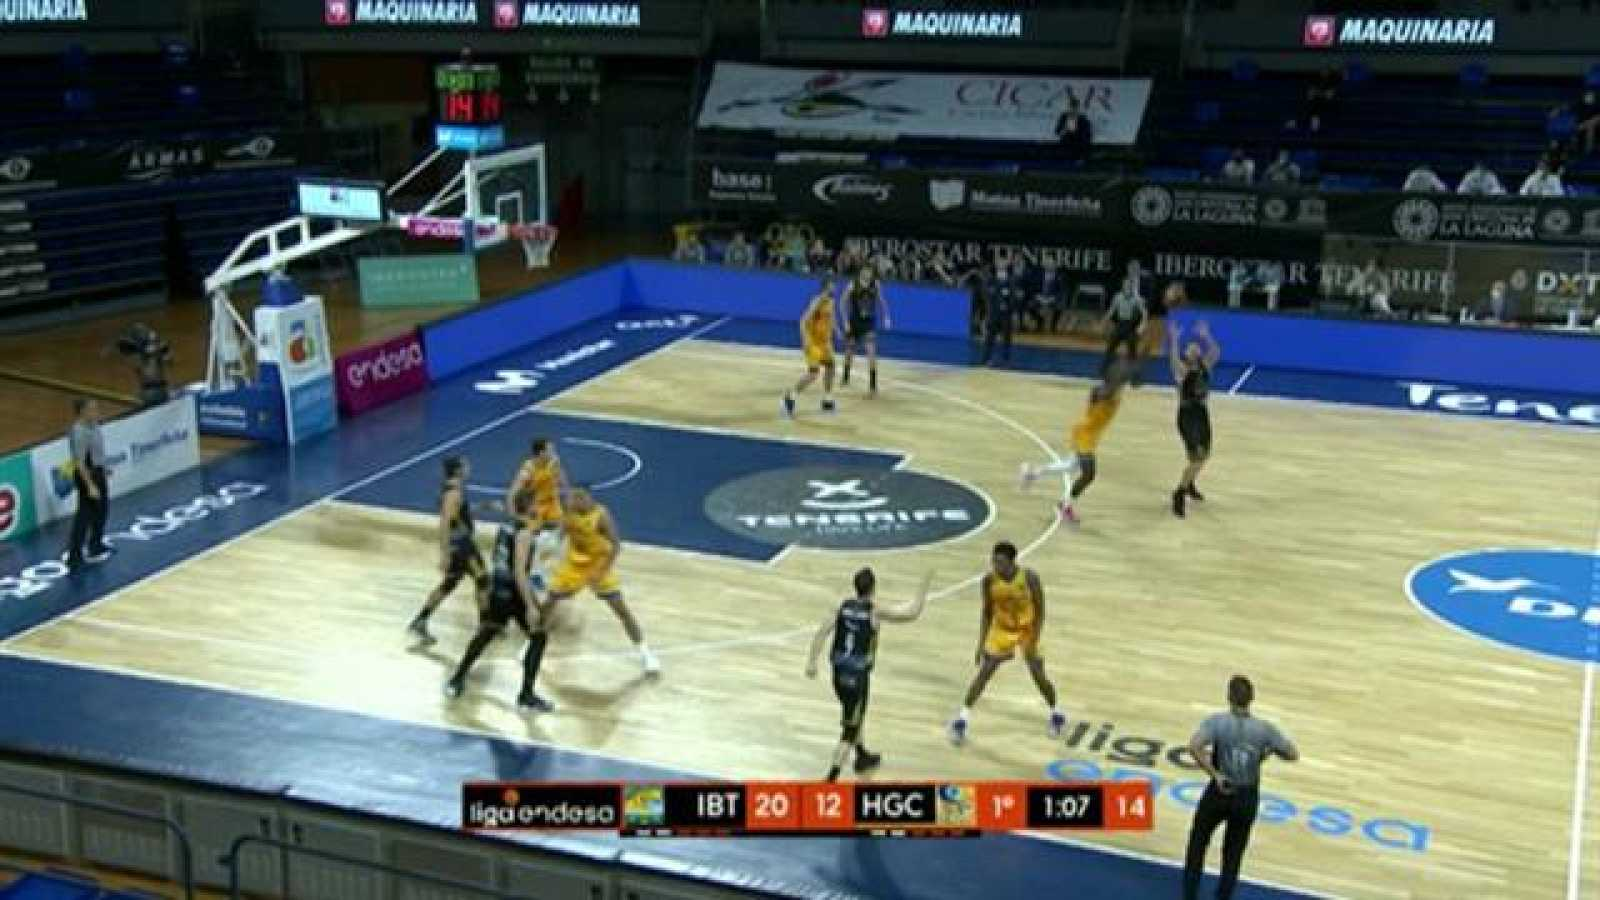 Deportes Canarias - 15/01/2021